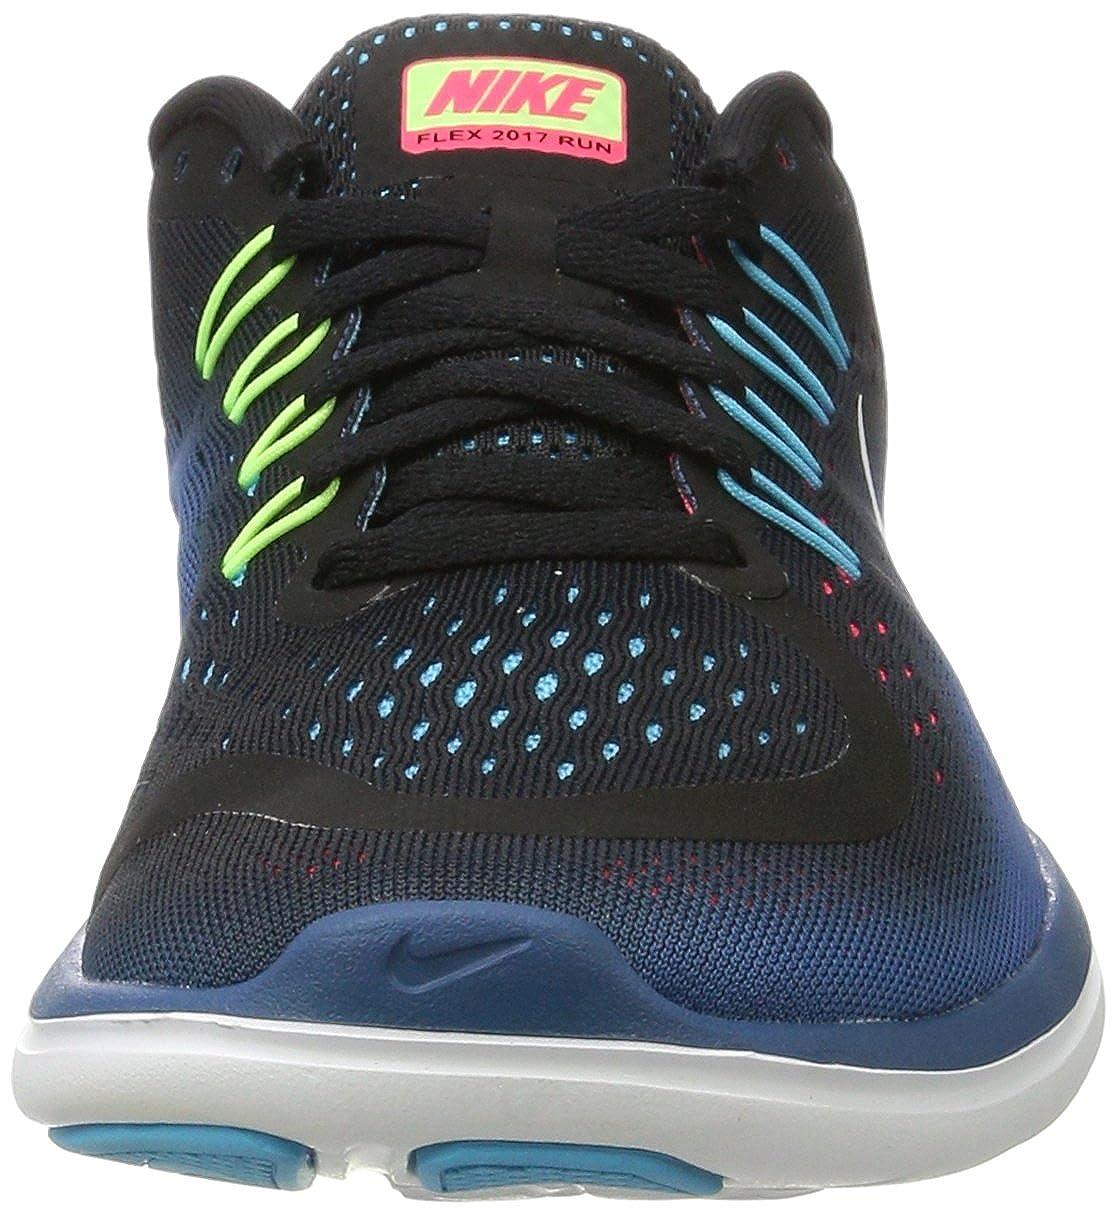 Rn Free Shoe Nike Running Women's Sense D9beIYWE2H